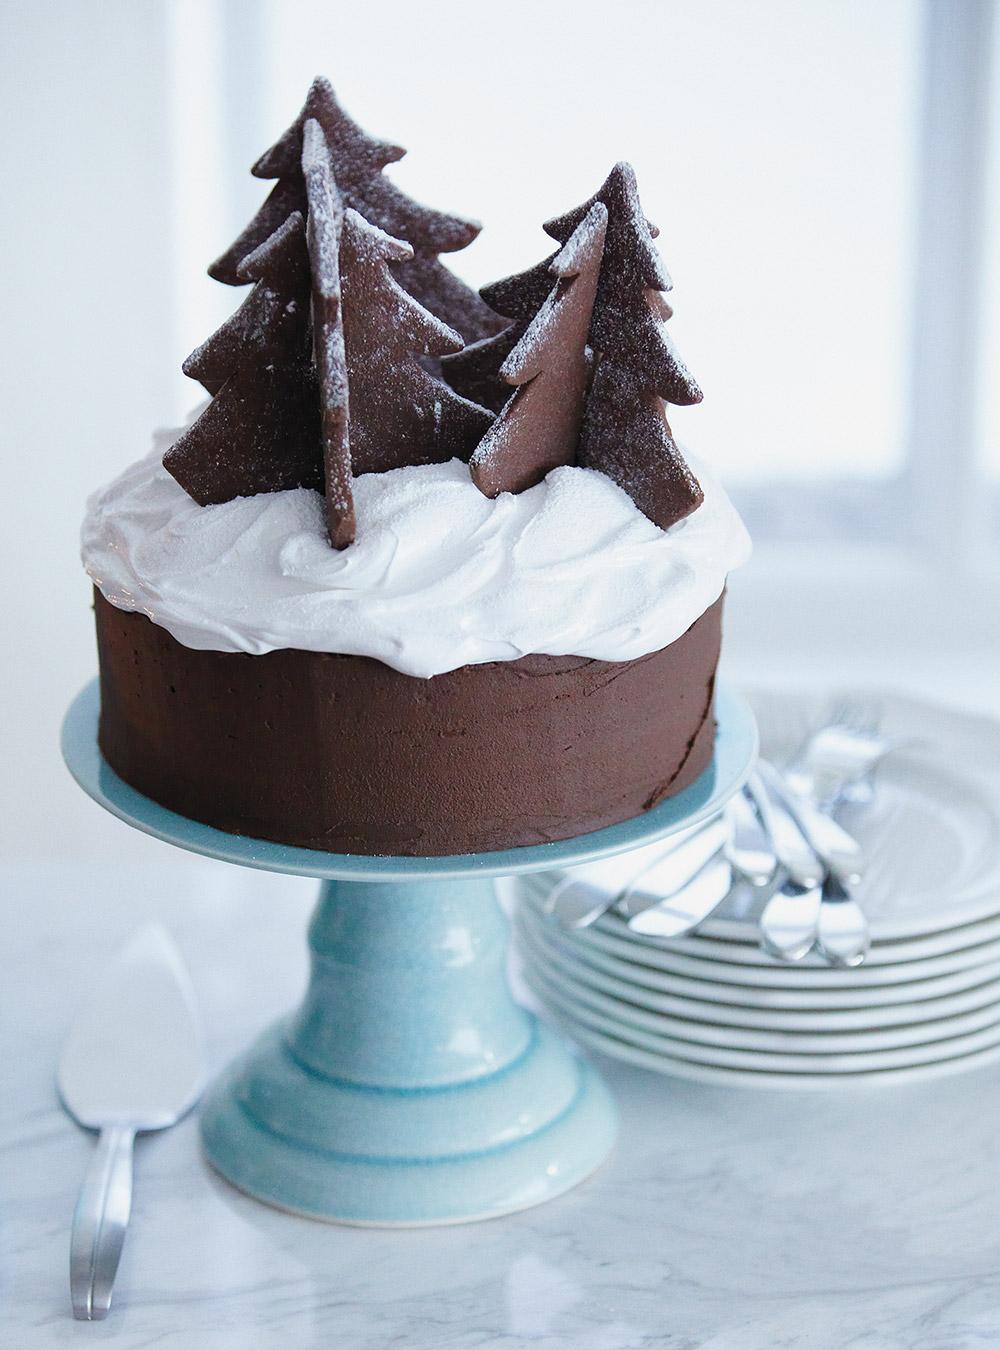 Gâteau au chocolat de noël   ricardo